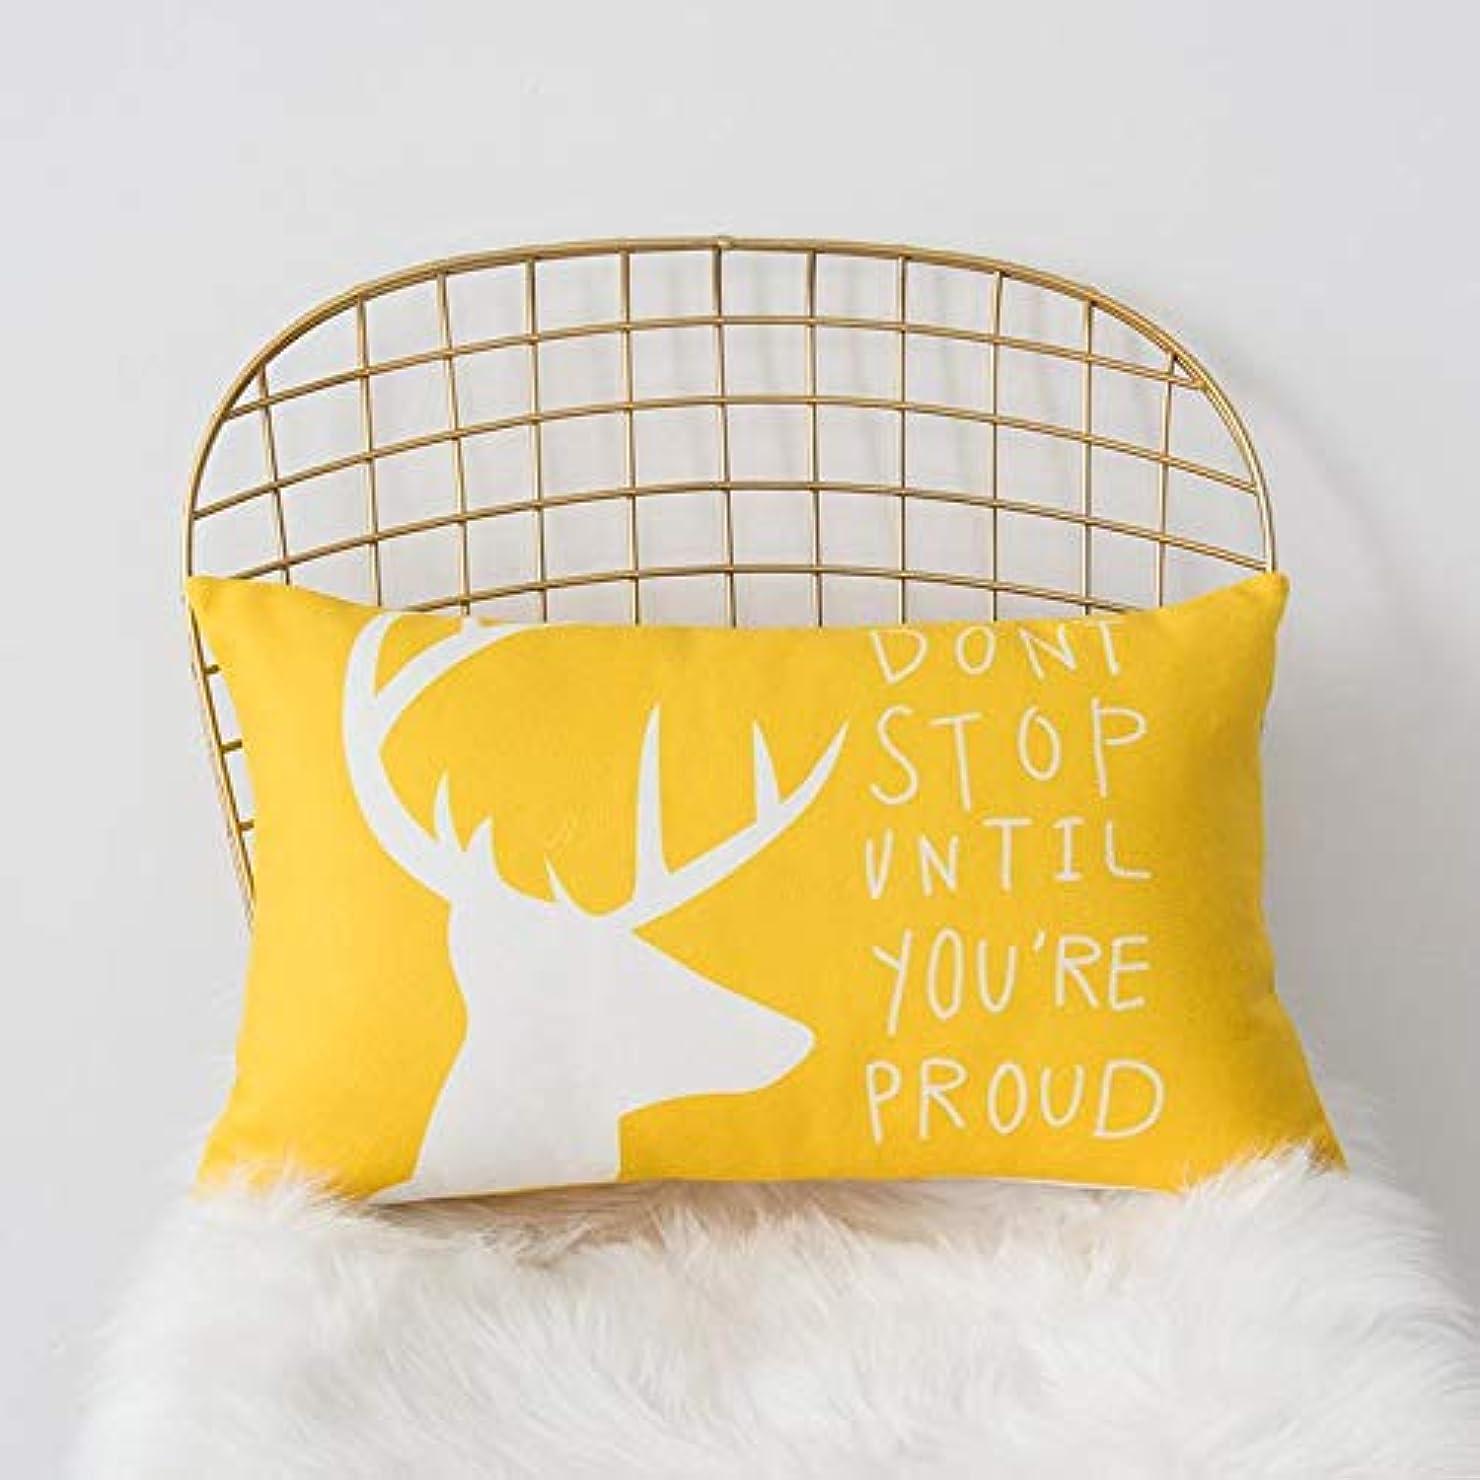 倒錯胃ぞっとするようなSMART 黄色グレー枕北欧スタイル黄色ヘラジカ幾何枕リビングルームのインテリアソファクッション Cojines 装飾良質 クッション 椅子